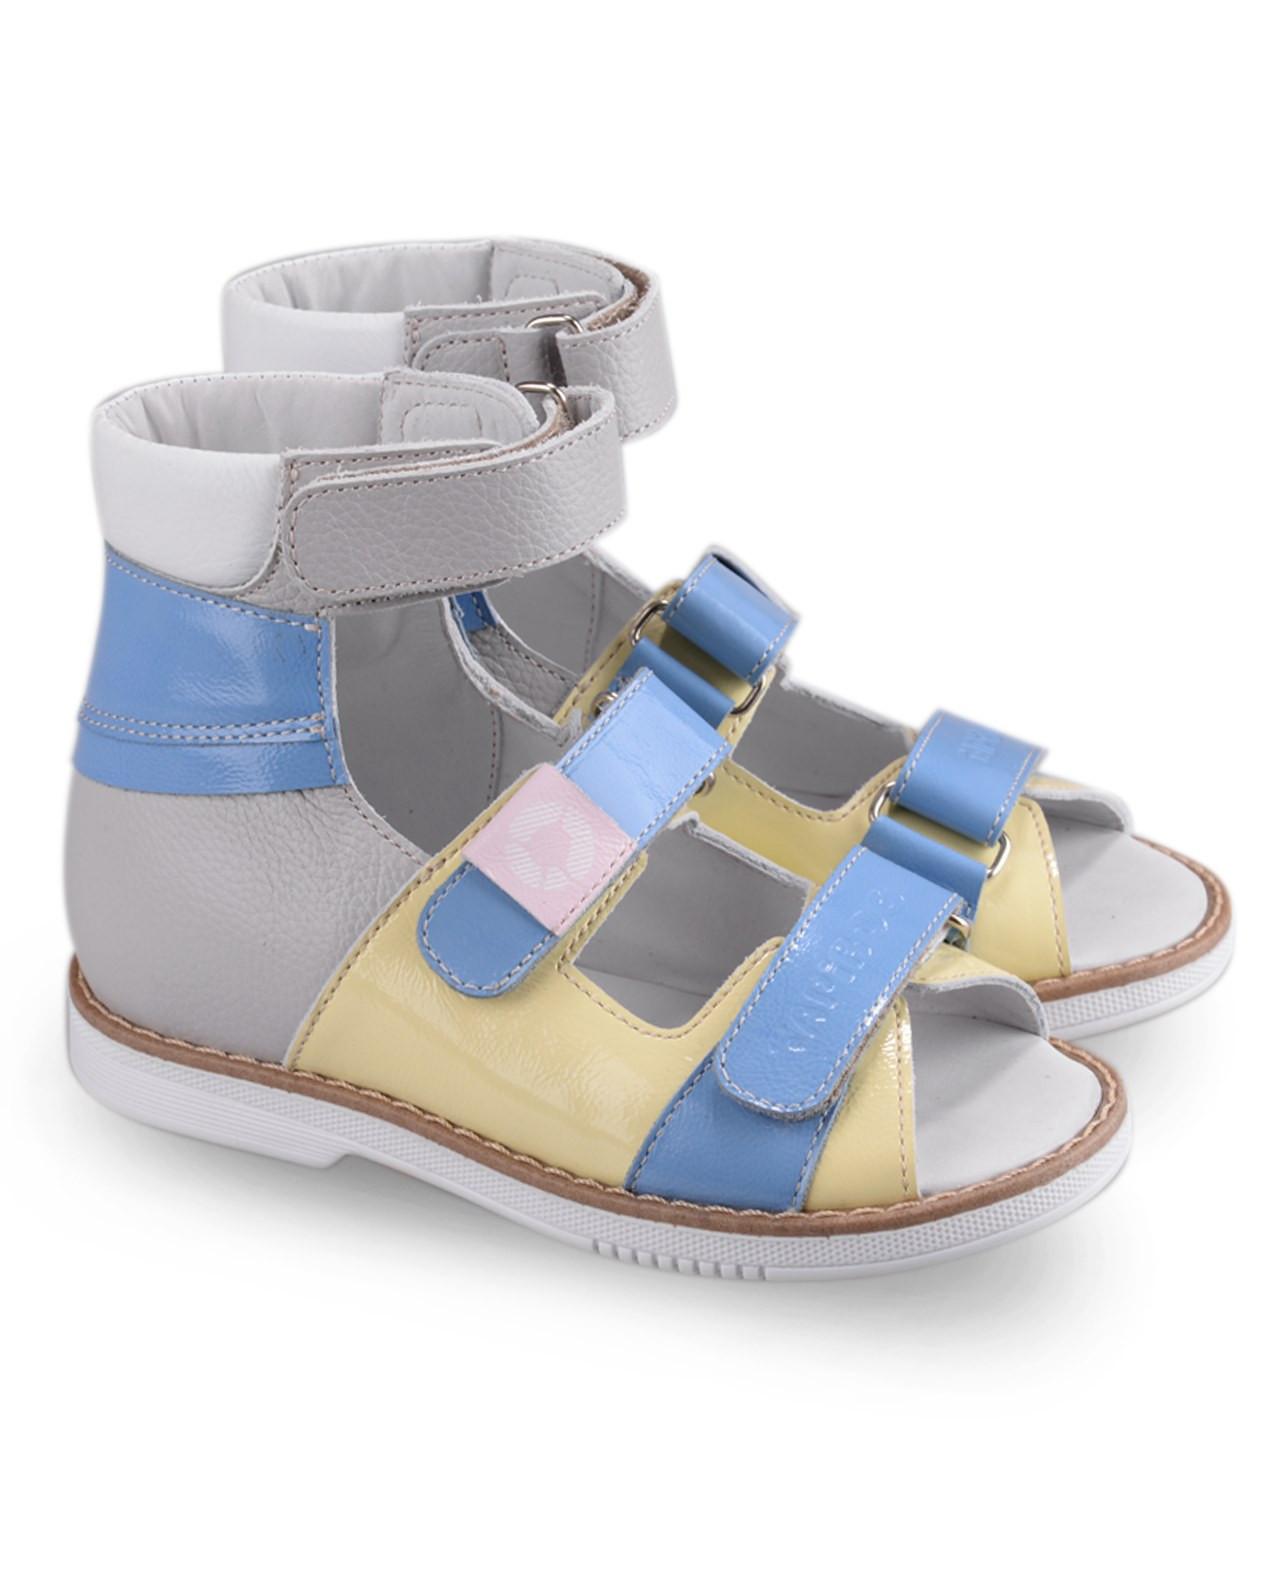 Сандалии Детские, Tapiboo Сладкая Вата (44074, Сандалии<br>Эти ортопедические сандалии разработаны <br>для коррекции стоп при вальгусной деформации, <br>а также для профилактики плоскостопия. <br>Применение данной модели рекомендовано <br>детям при наличии сформировавшихся деформаций. <br>При применении данной обуви рекомендуется <br>использование индивидуальных ортопедических <br>стелек по назначению врача-ортопеда. Жесткий <br>фиксирующий задник увеличенной высоты <br>и возможность регулировки полноты тремя <br>застежками «велкро» обеспечивают необходимую <br>фиксацию голеностопа в правильном положении. <br>Широкий, устойчивый каблук, специальной <br>конфигурации «каблук Томаса». Каблук продлен <br>с внутренней стороны до середины стопы, <br>предотвращает вращение (заваливание) стопы <br>вовнутрь (пронационный компонент деформации, <br>так называемая косолапость, или вальгусная <br>деформация). Подкладка из кожи теленка без <br>швов. Кожа теленка обладает повышенной <br>износостойкостью в сочетании с мягкостью <br>и отличной способностью пропускать воздух <br>для создания оптимального температурного <br>режима (нога не потеет). Отсутствие швов <br>на подкладк<br>Размер INT: M; Цвет: Красный; Ширина: 100; Высота: 200; Вес: 1000;